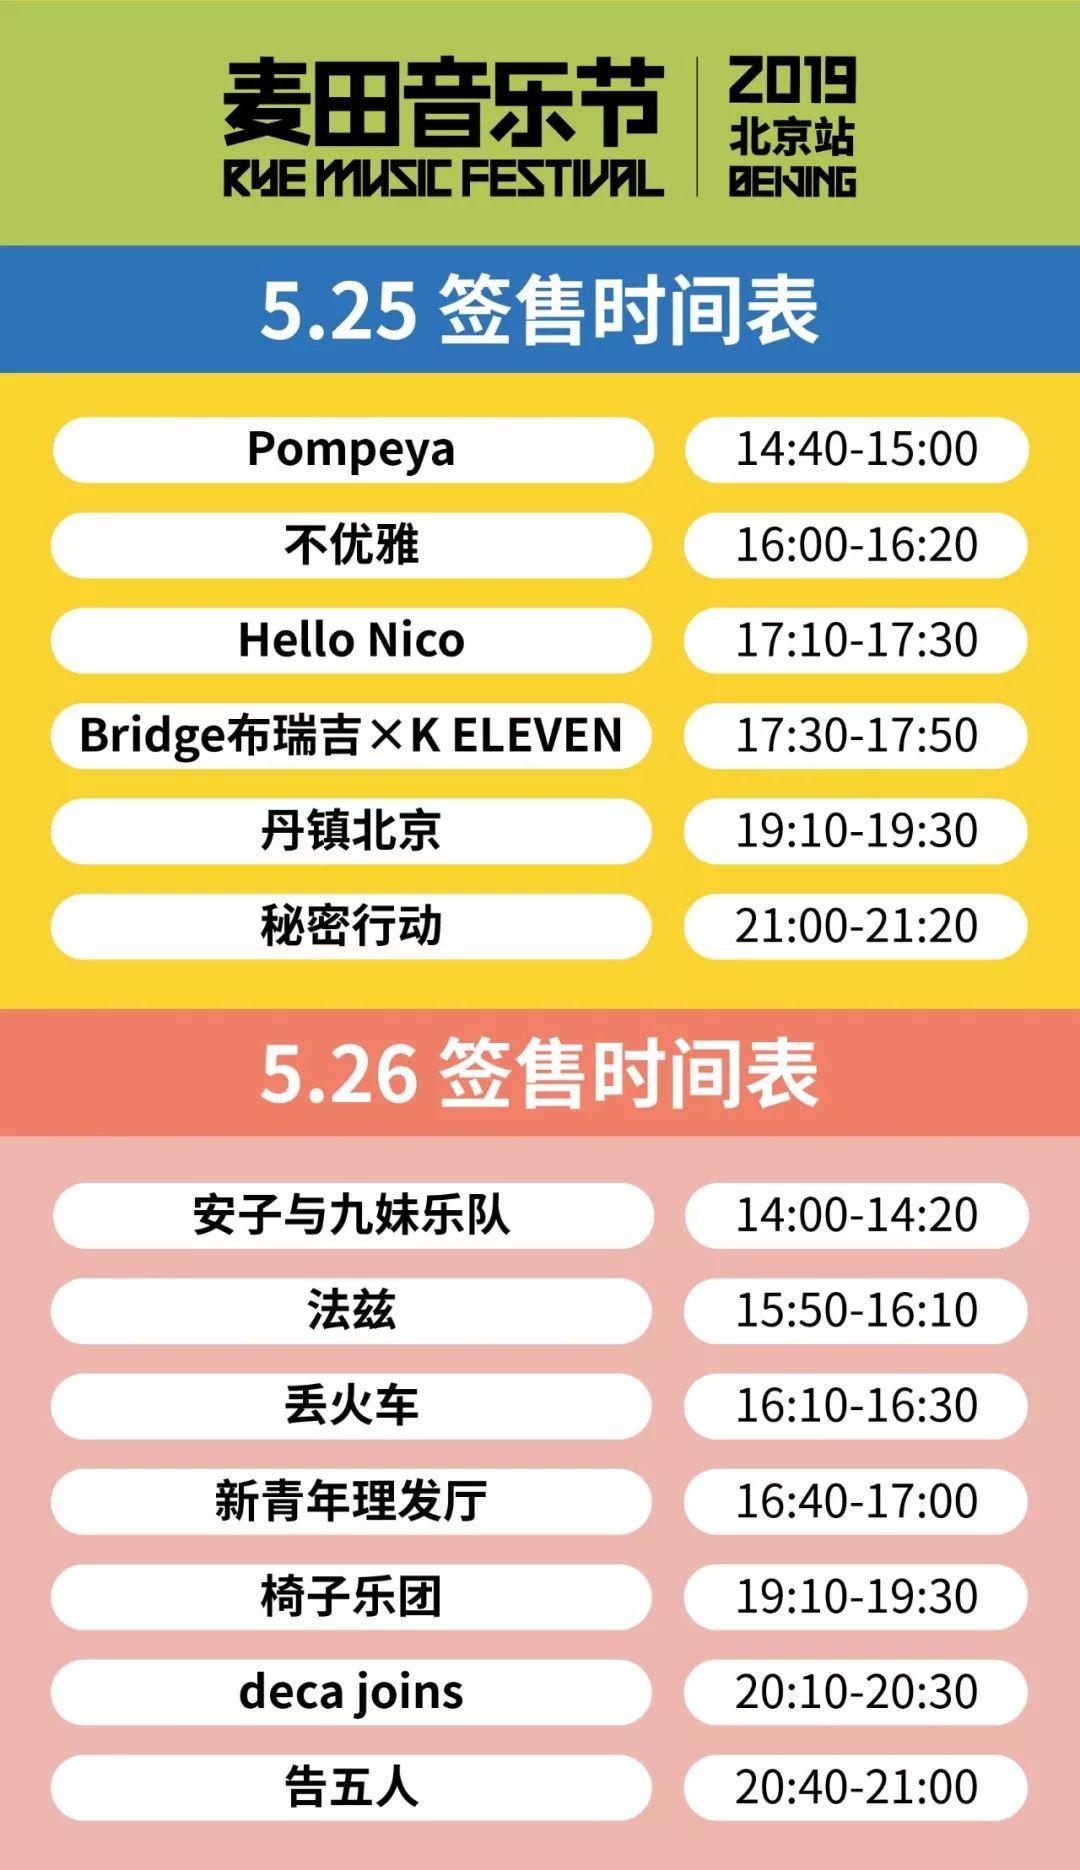 2019麦田音乐网节签售时间表